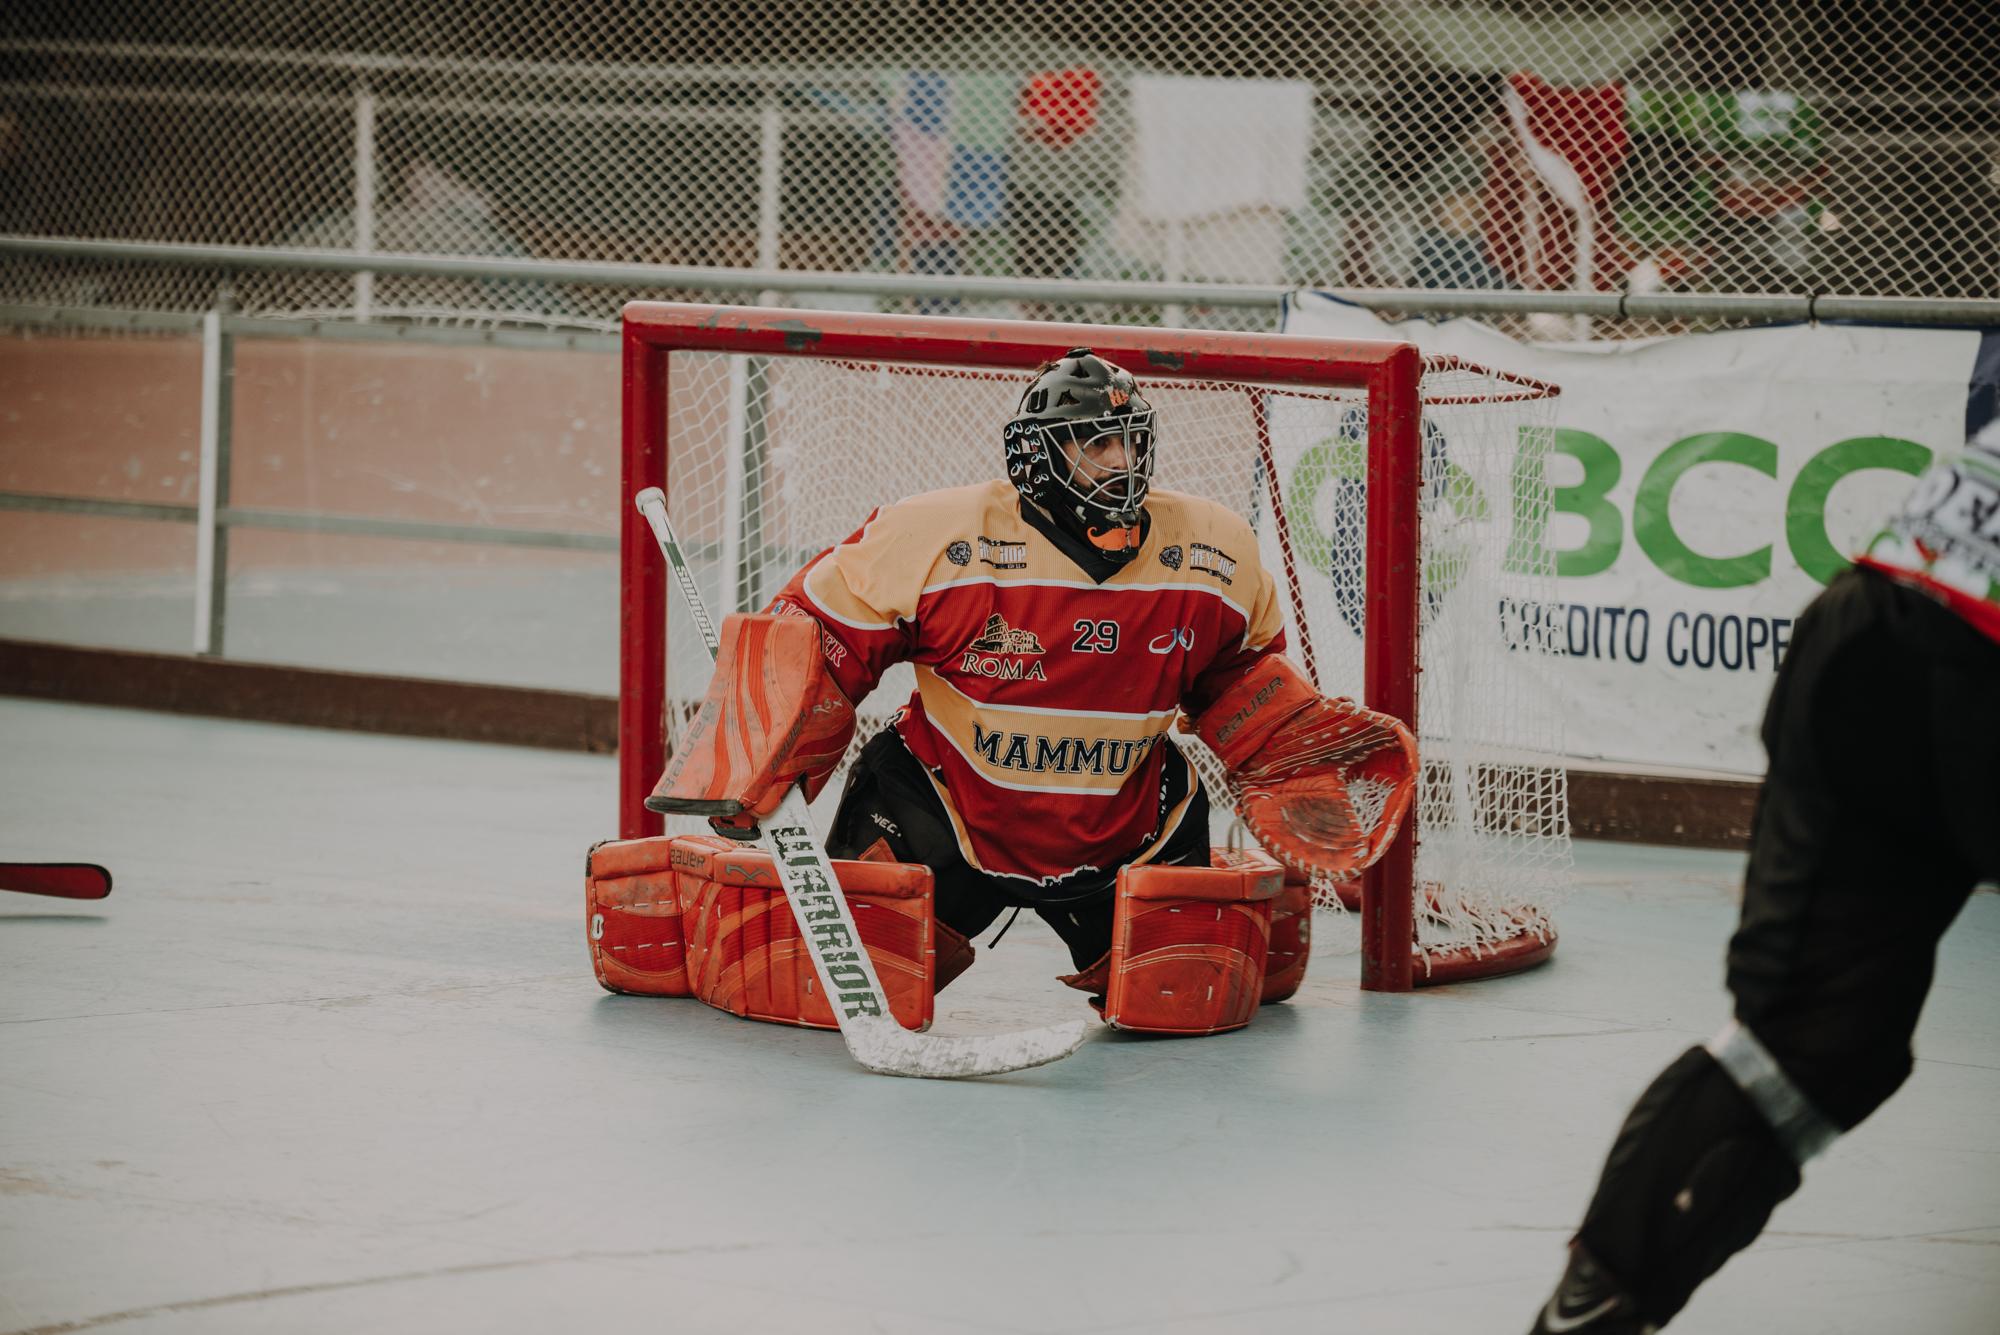 Rita Foldi photo, inline hockey, mammuth roma, hockey mammuth, hockey roma, inline hockey roma, inline roma, sports photography, sports